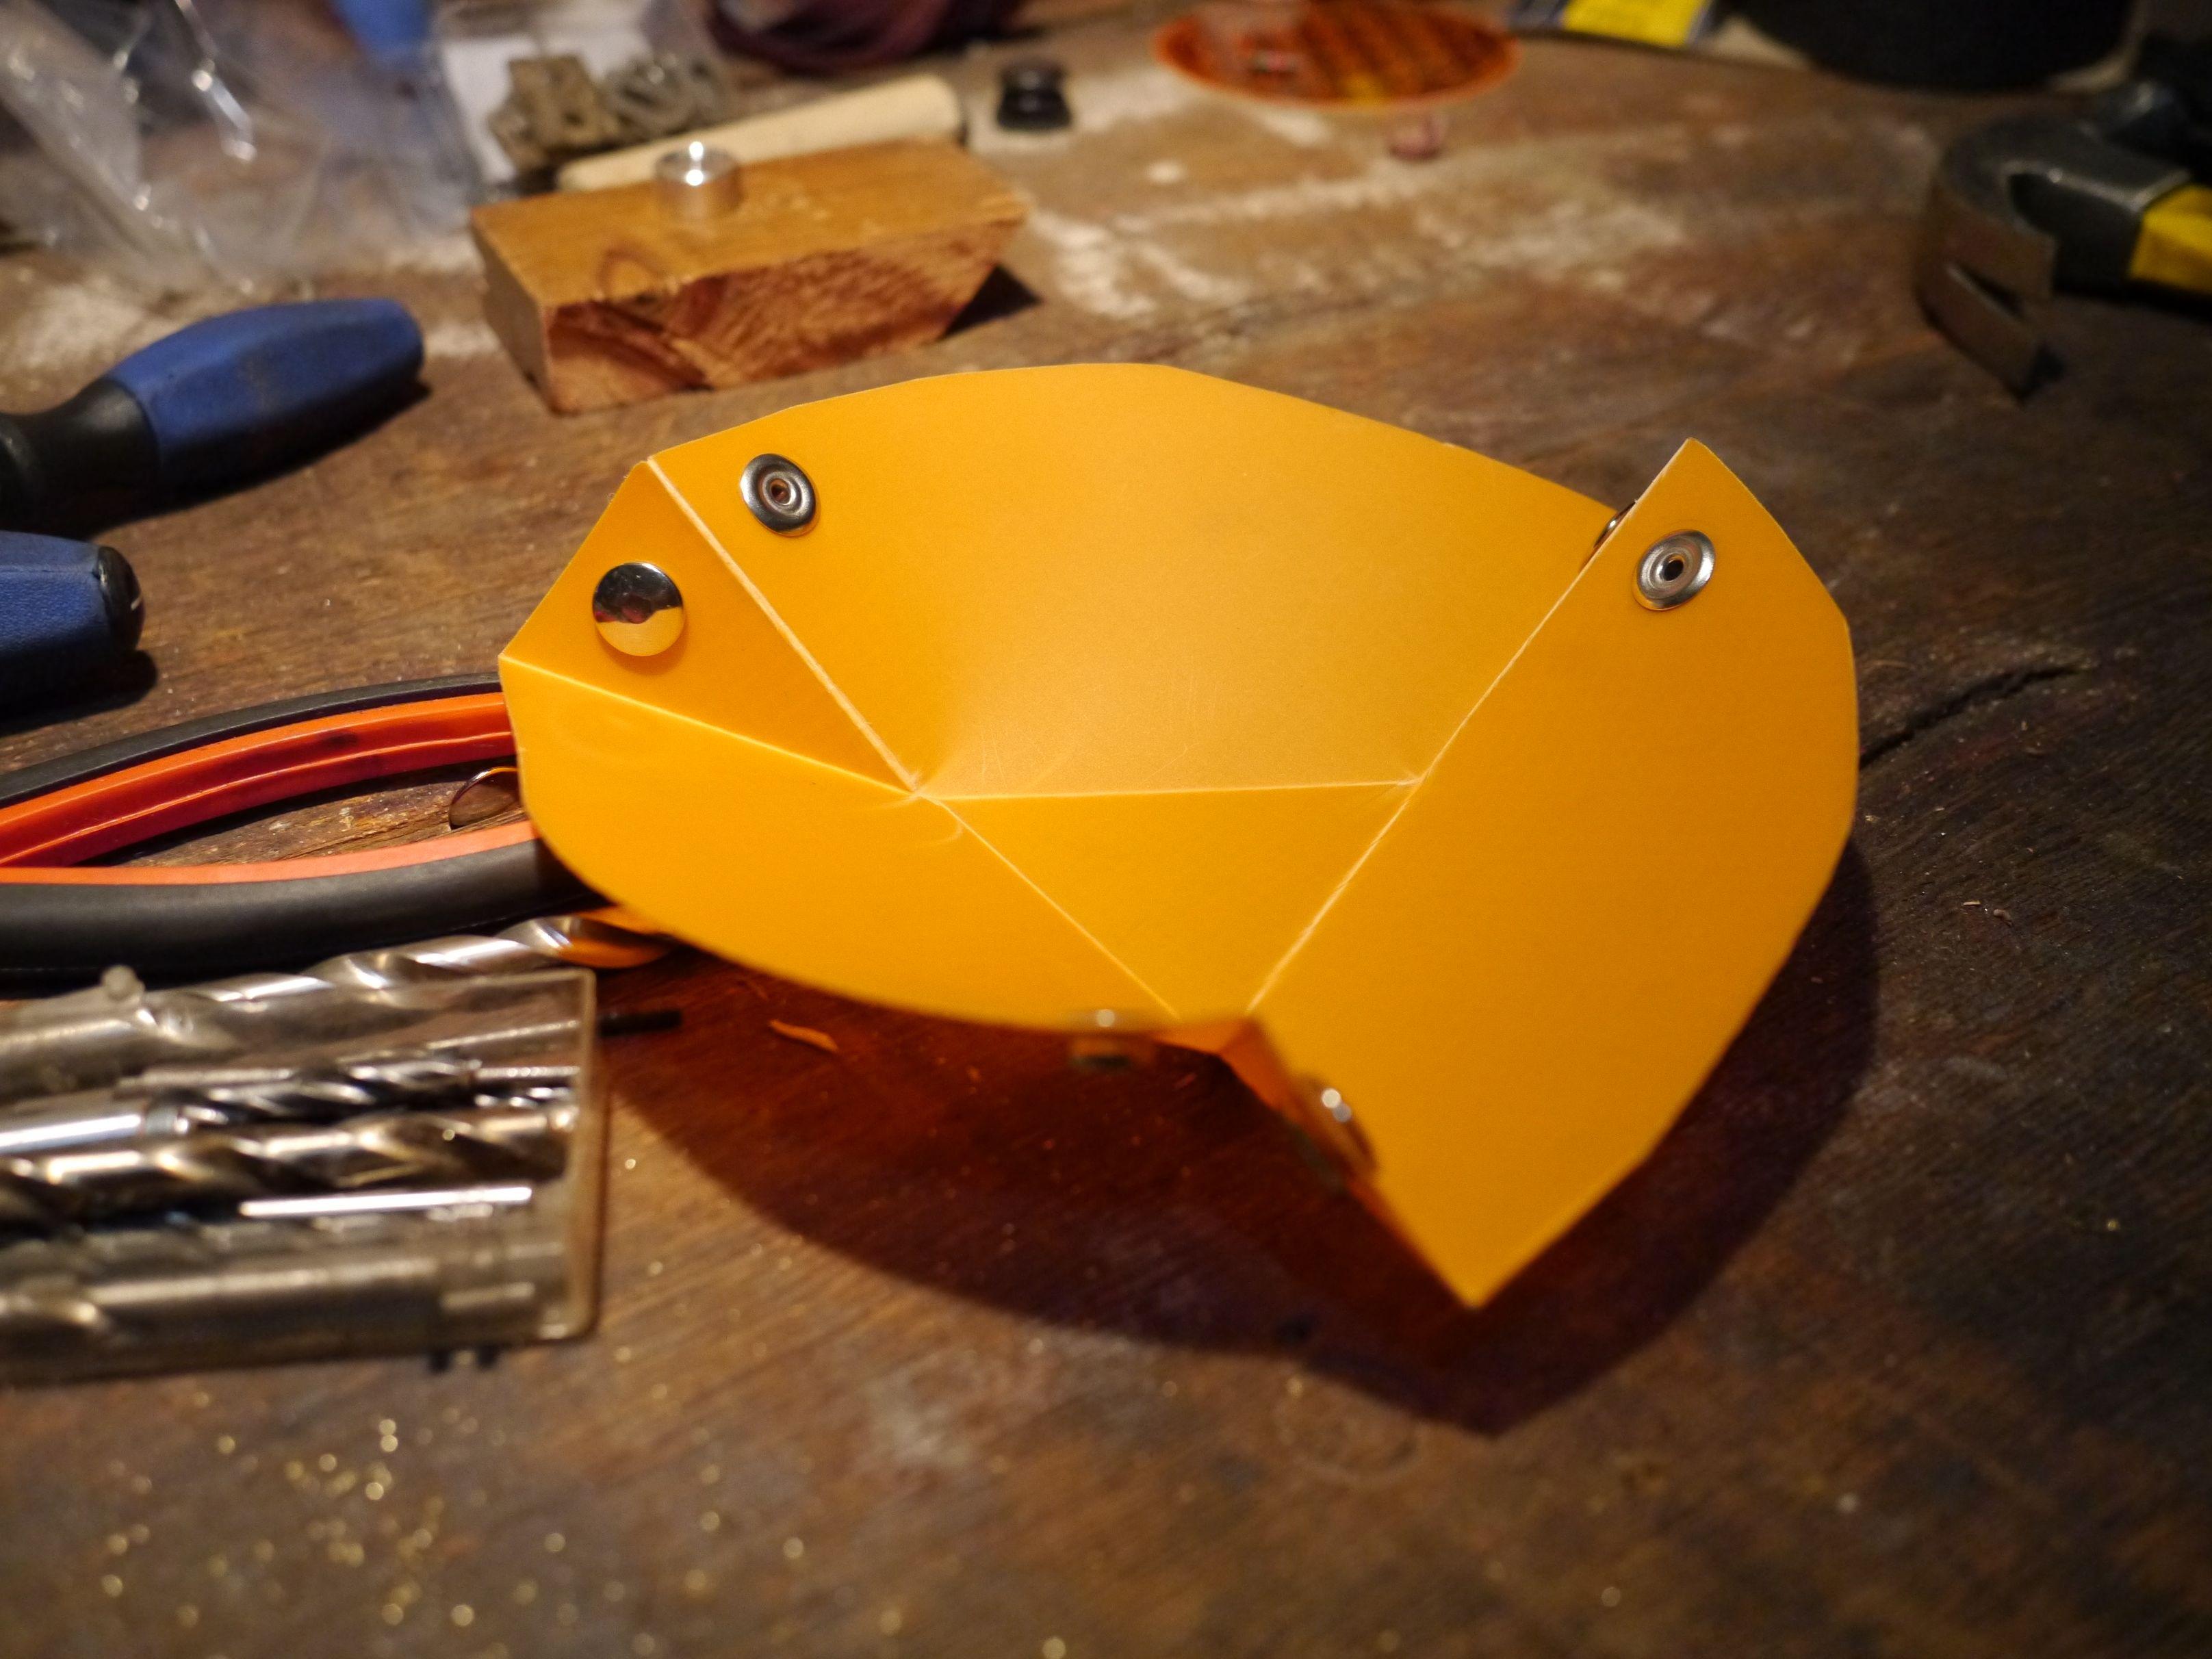 Diy Finding Zen In An Origami Bowl Flaming Bike